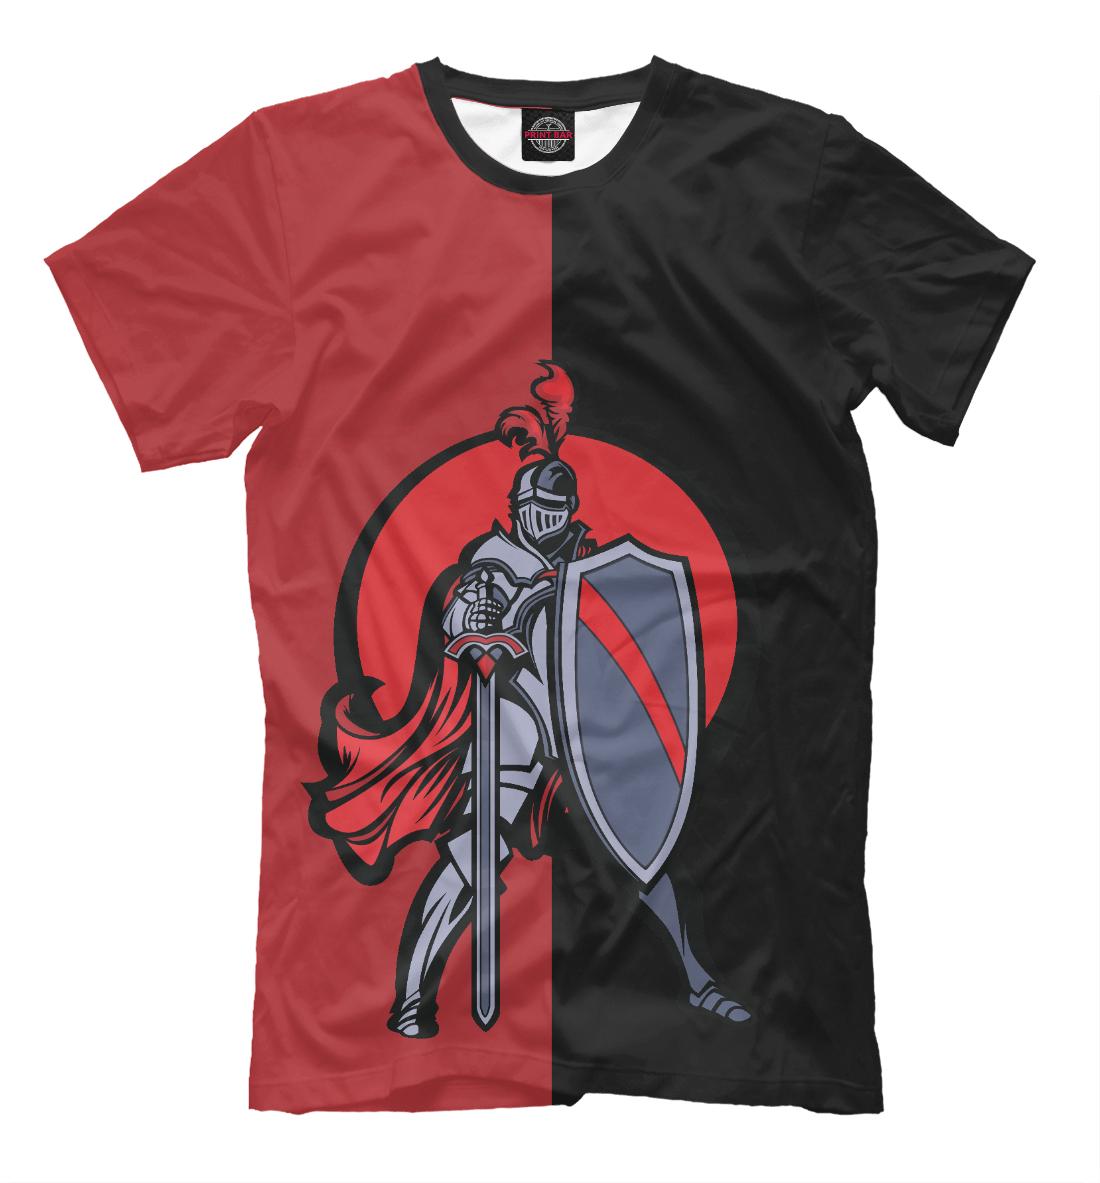 Купить Рыцарь, Printbar, Футболки, APD-847240-fut-2